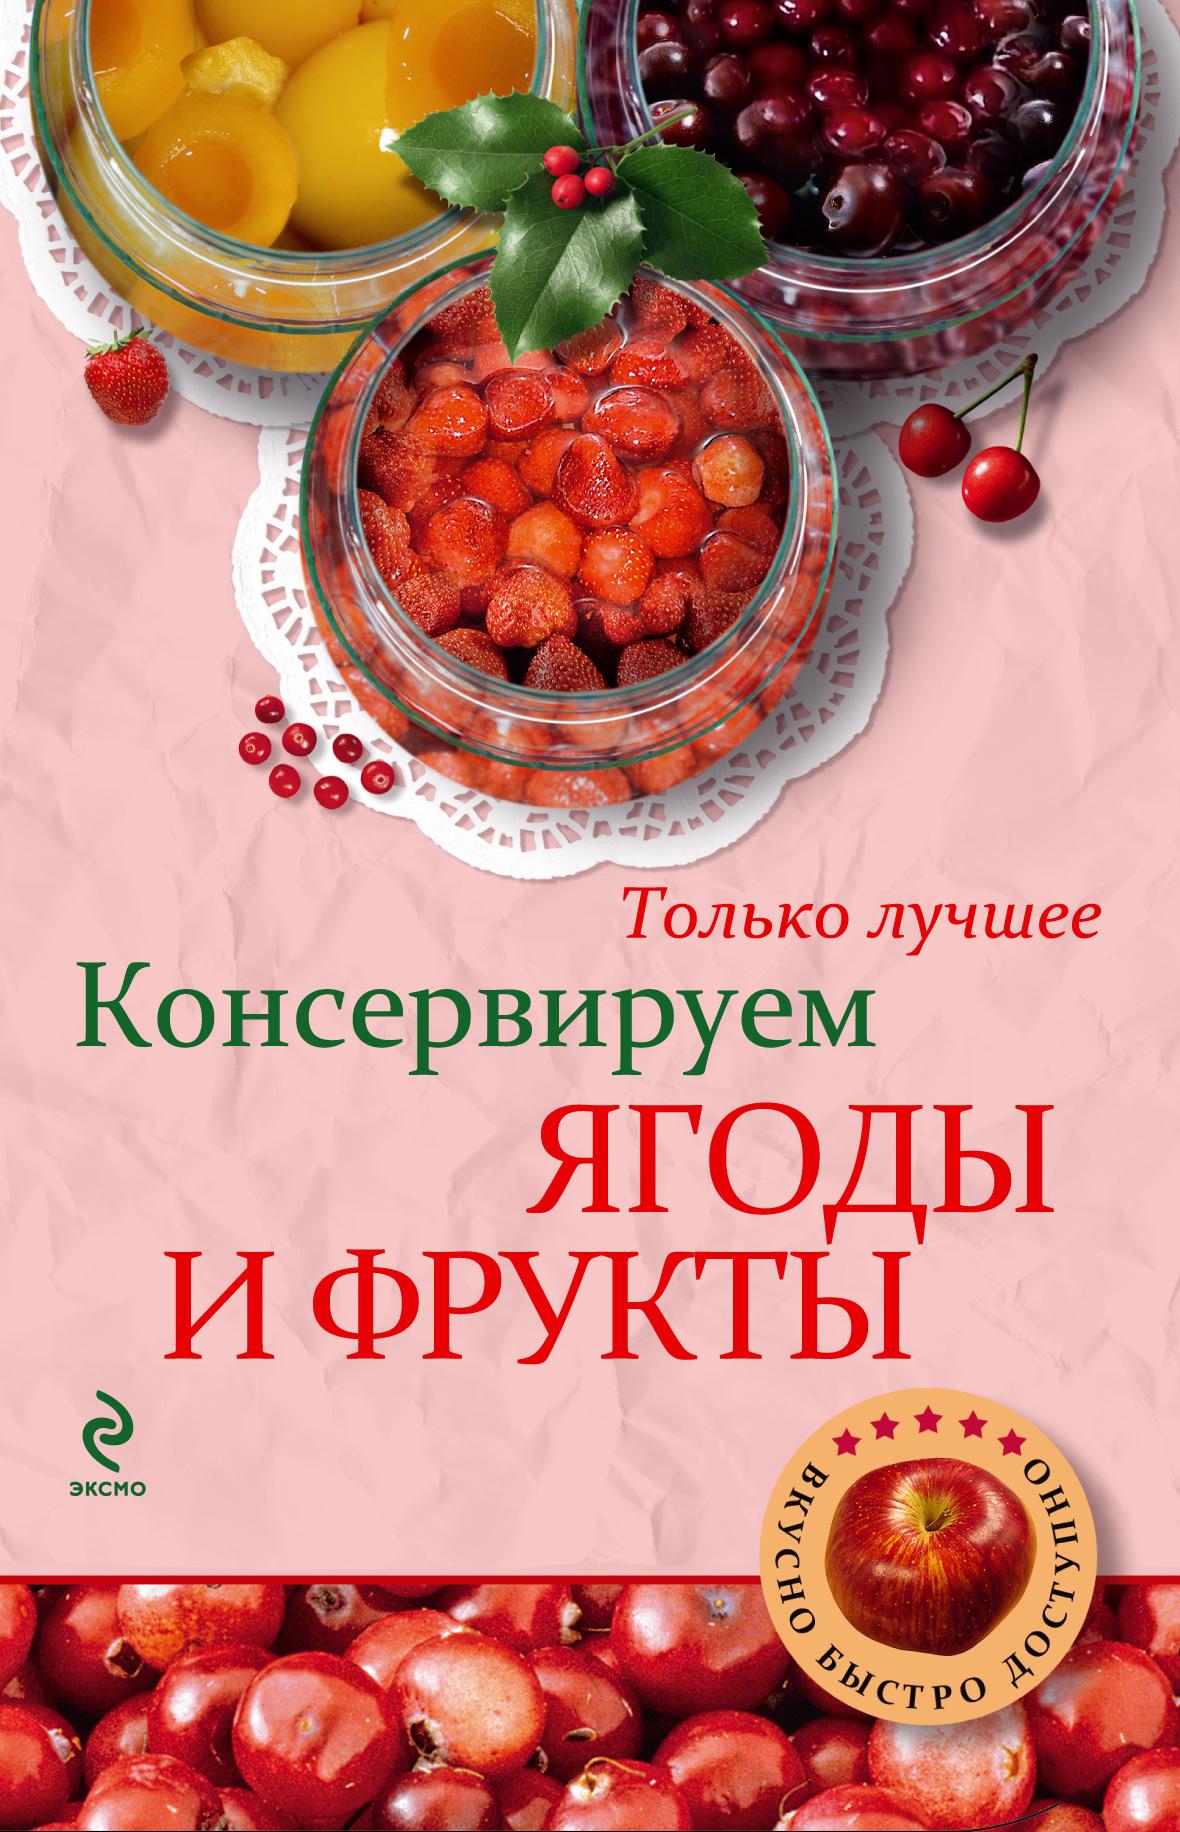 Отсутствует Консервируем ягоды и фрукты как приготовить пасхальные блюда вкусно и экономно